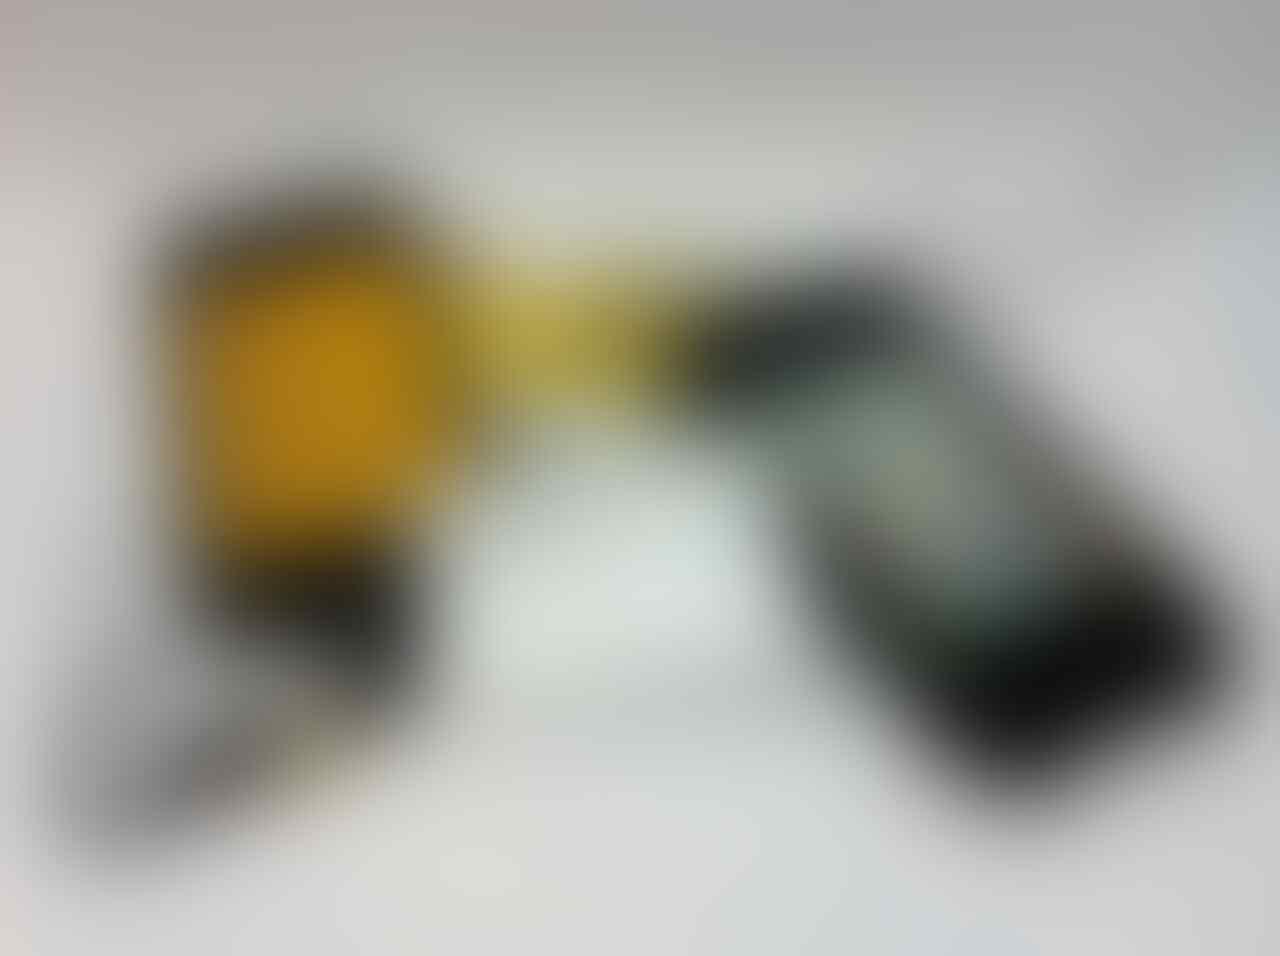 Lifeproof Waterproof iPhone 4/4s Case - RichCopter